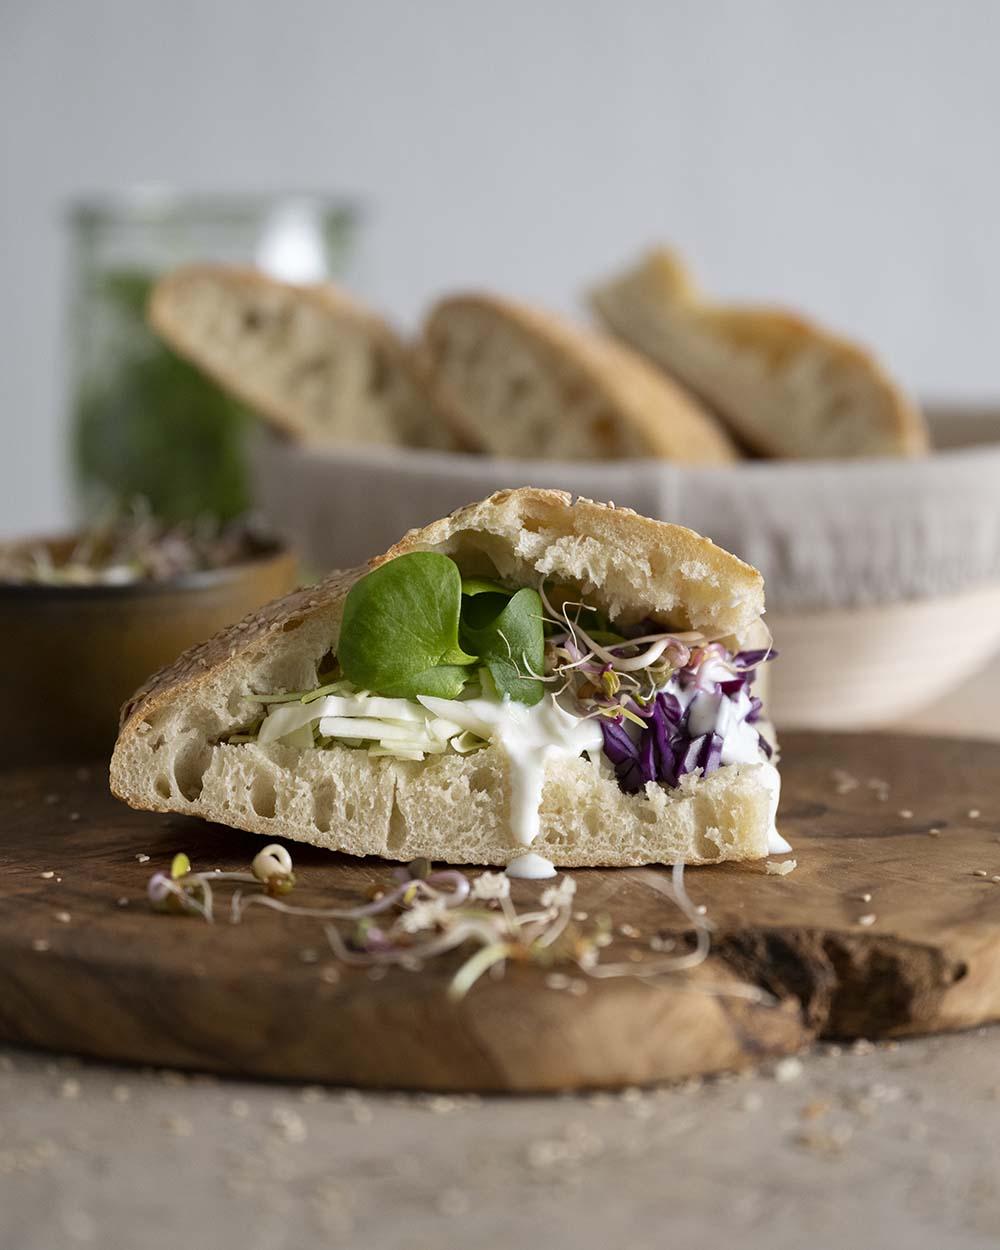 Ein Stück Fladenbrot, befüllt mit einer vegetarischen Füllung aus Salat und Kohl.